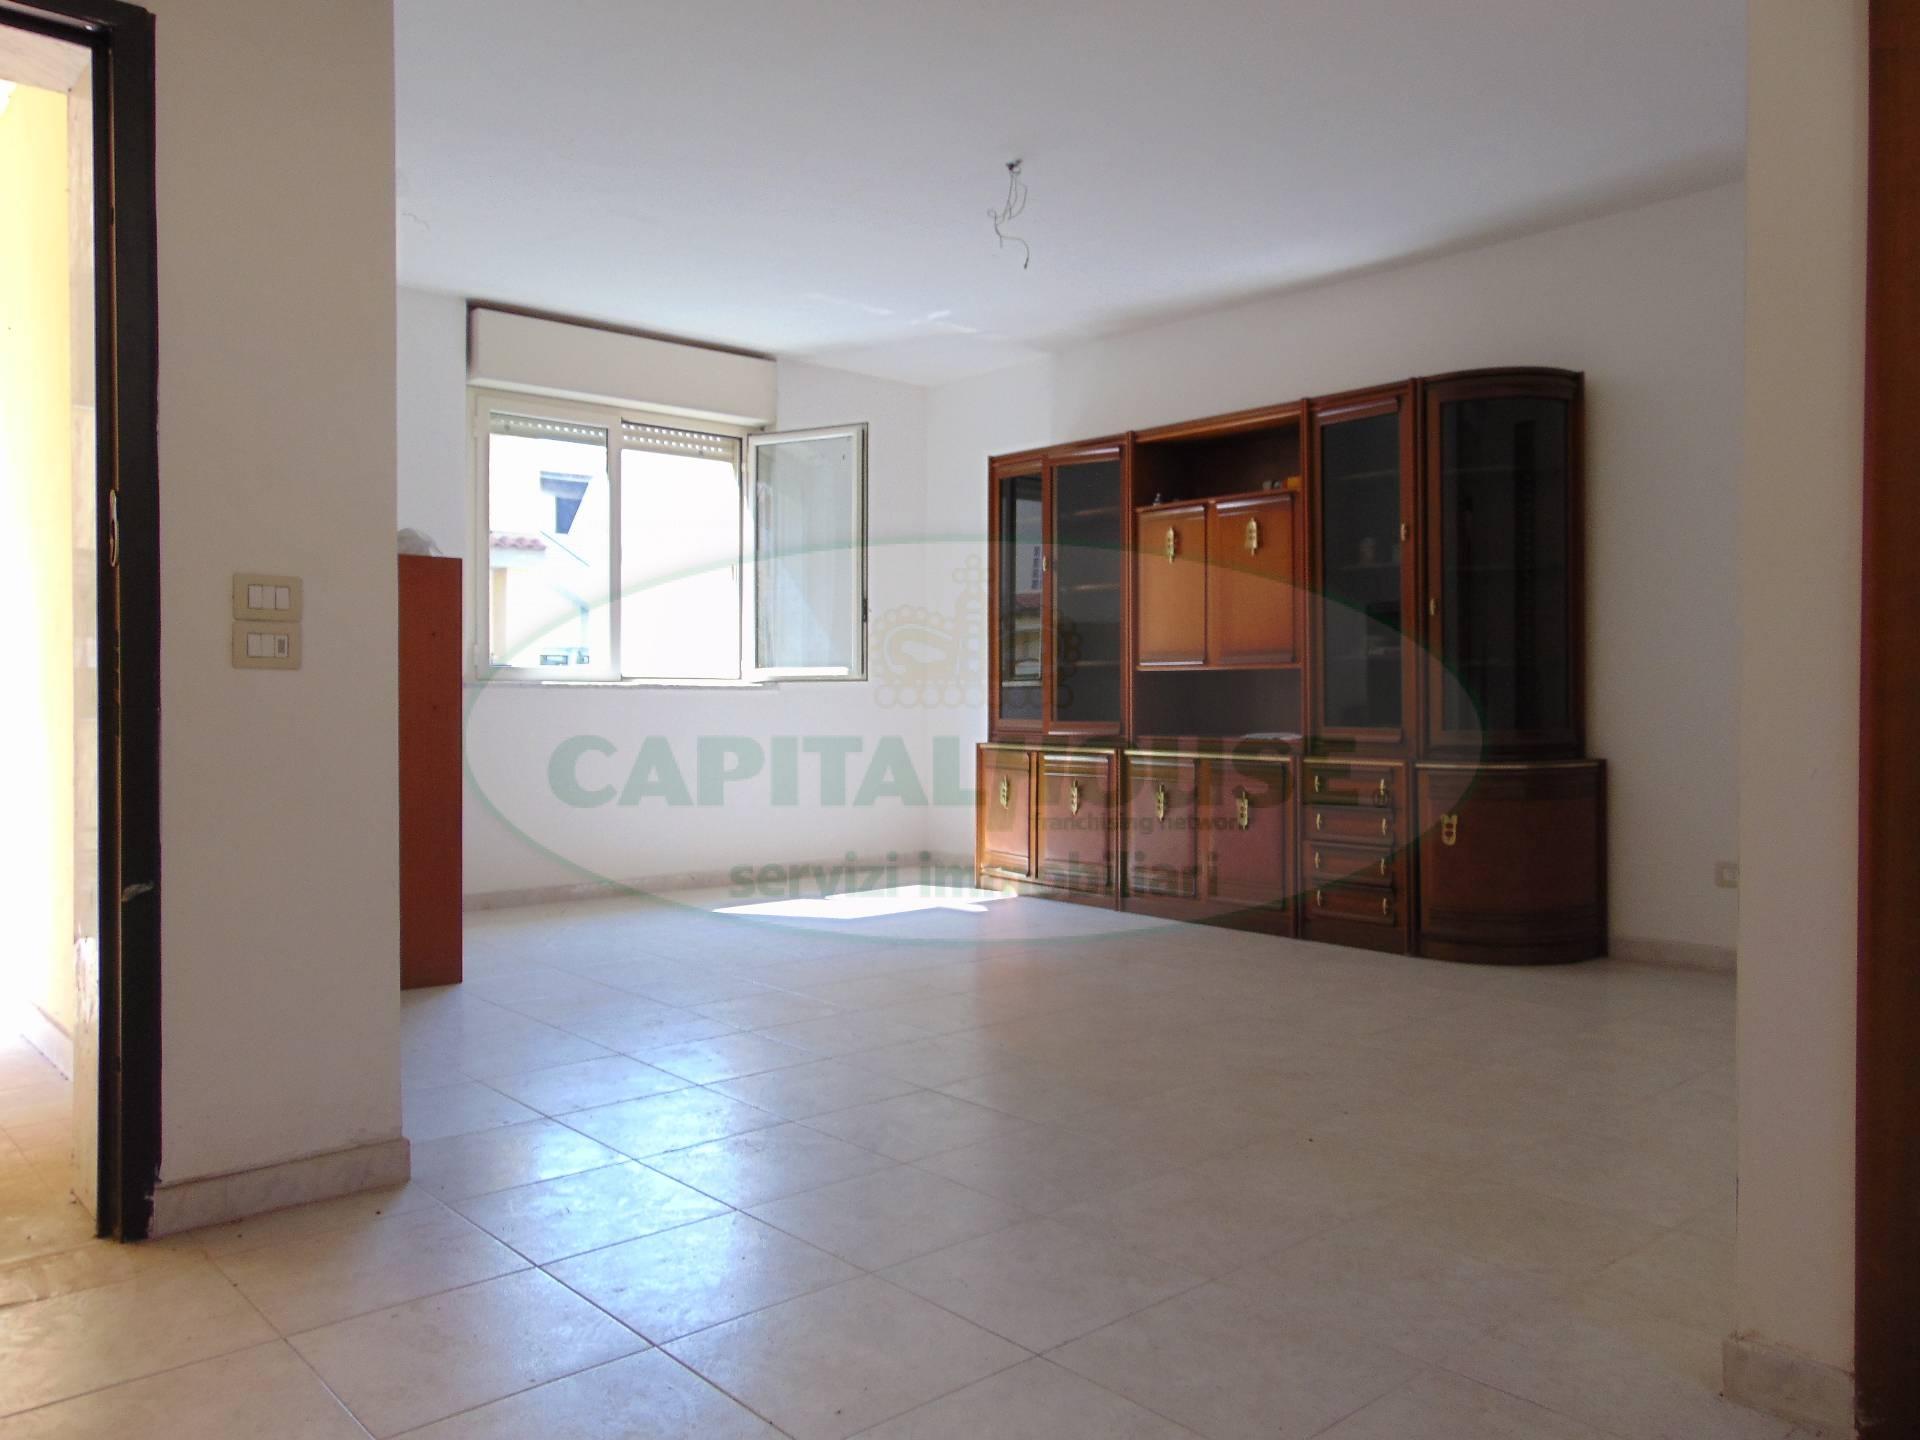 Villa a Schiera in vendita a San Tammaro, 5 locali, prezzo € 180.000 | CambioCasa.it